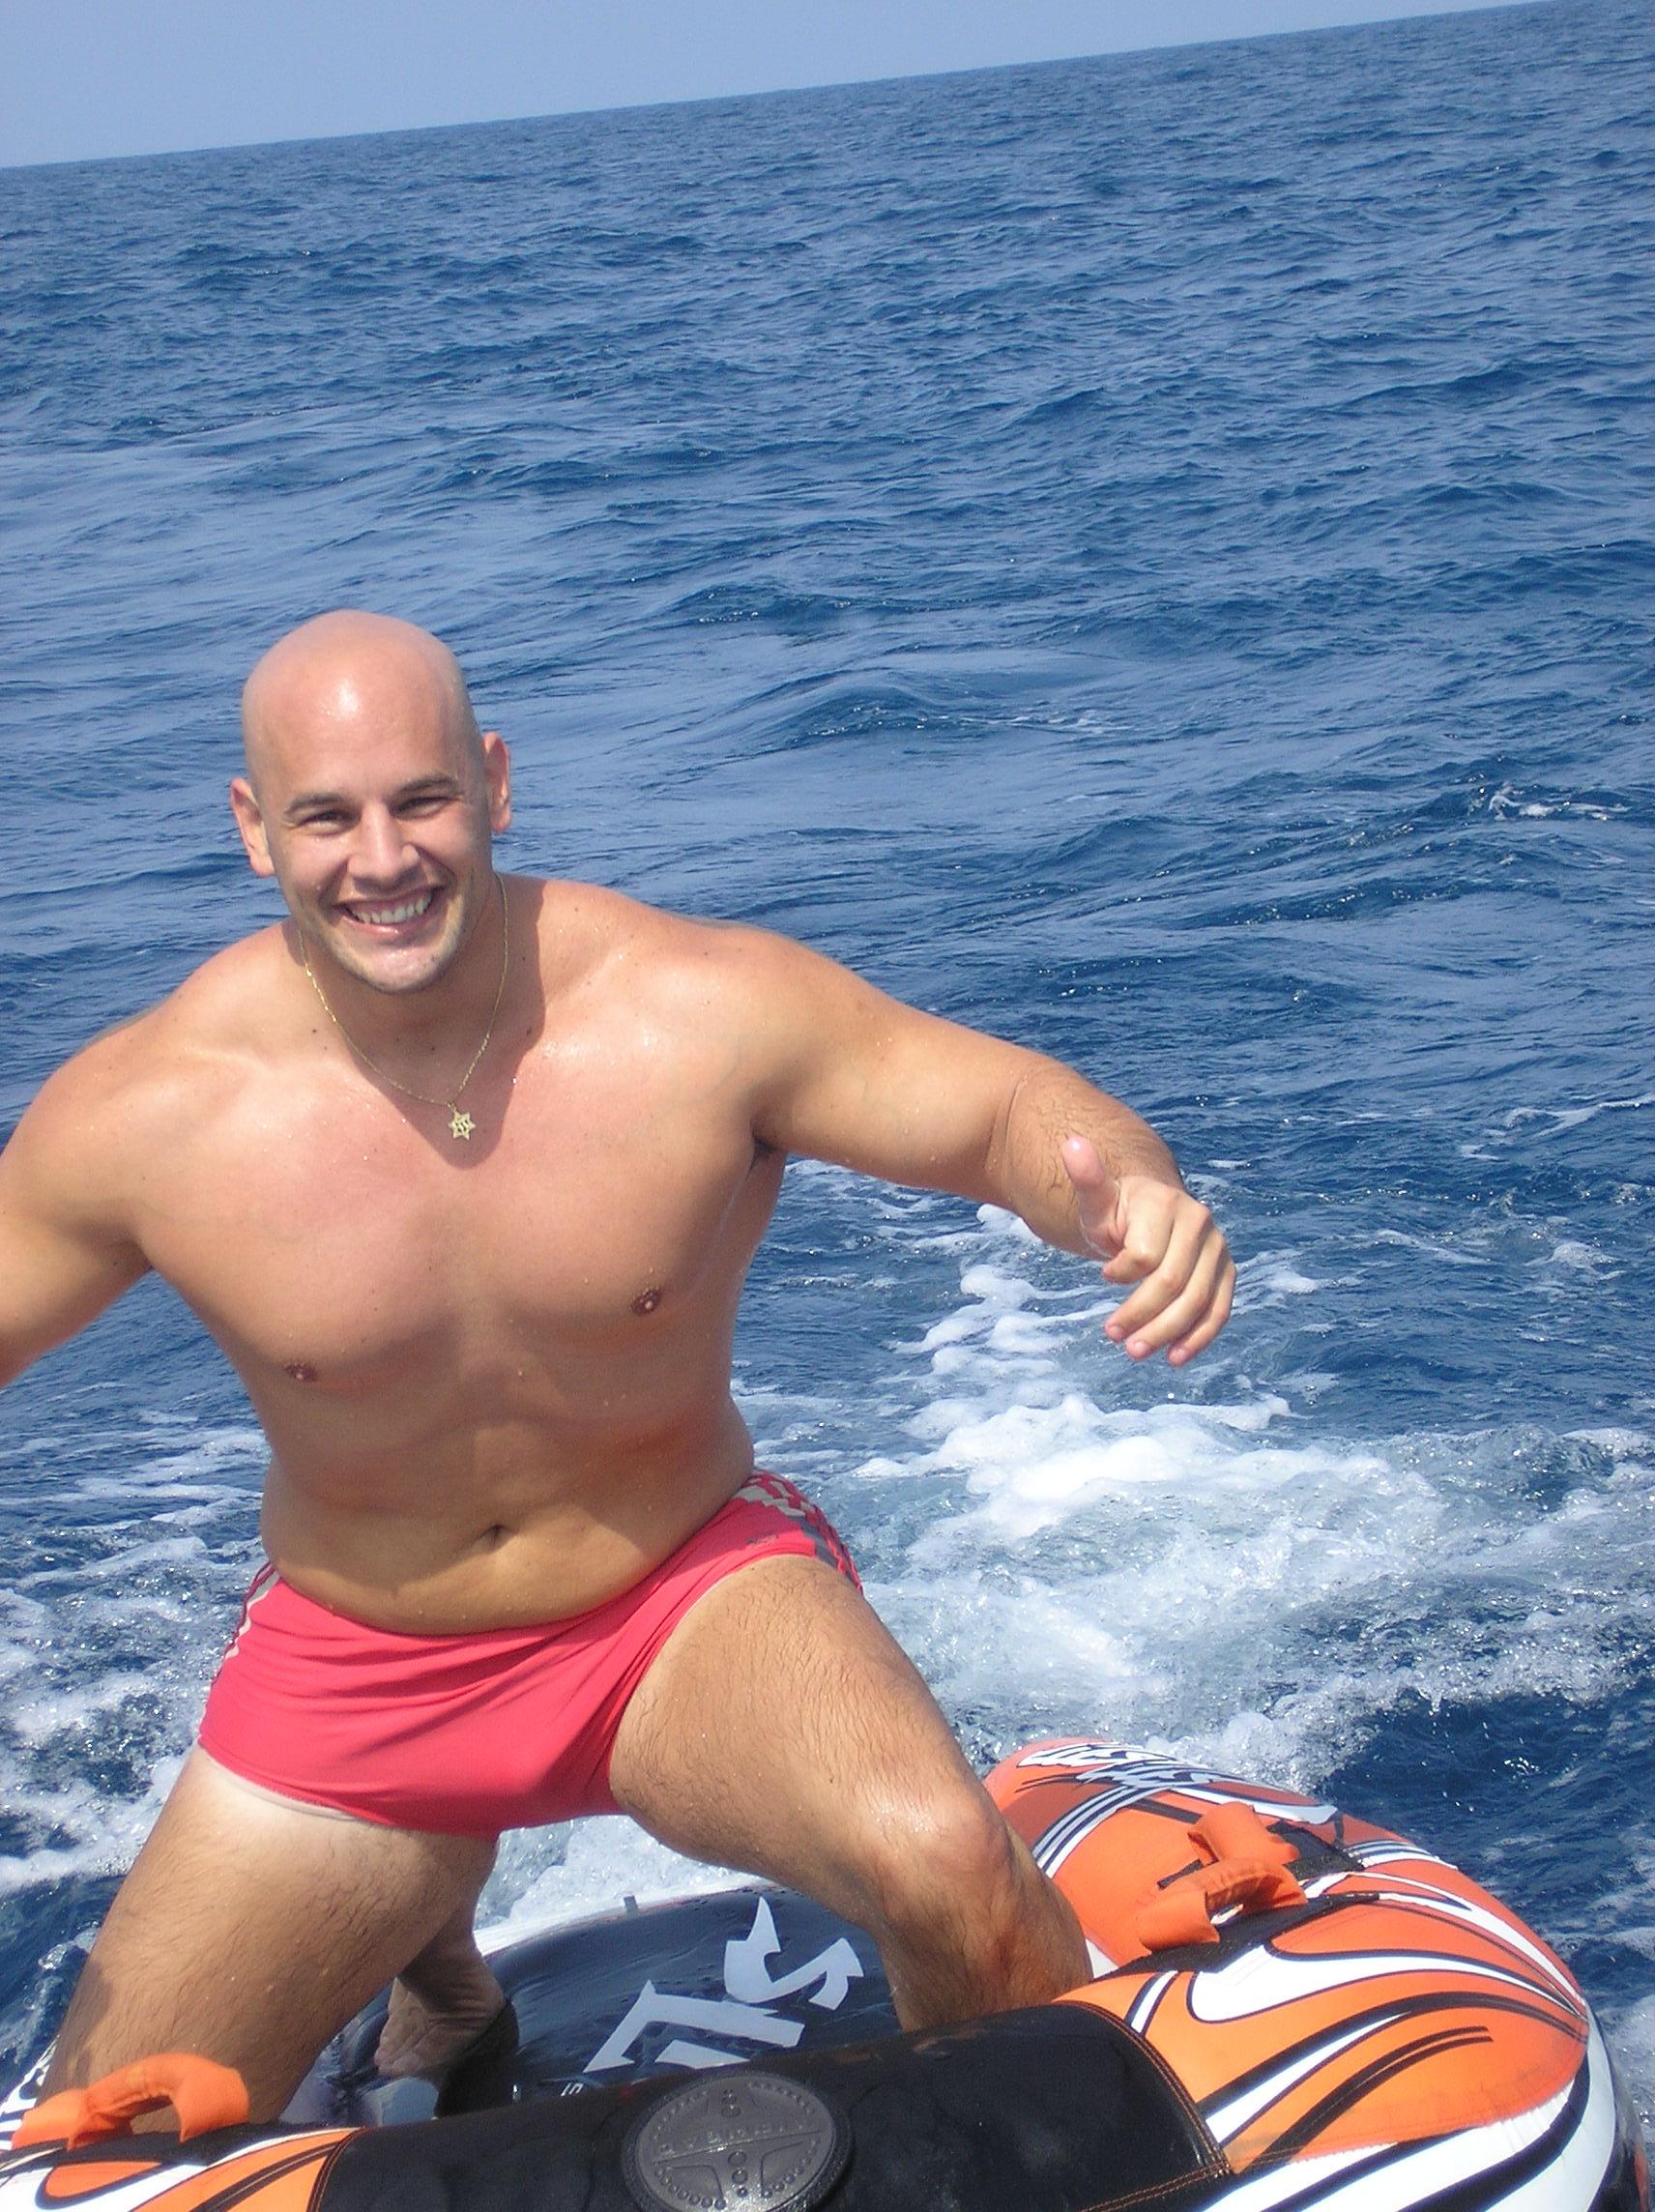 יאכטה באילת-ספורט ימי